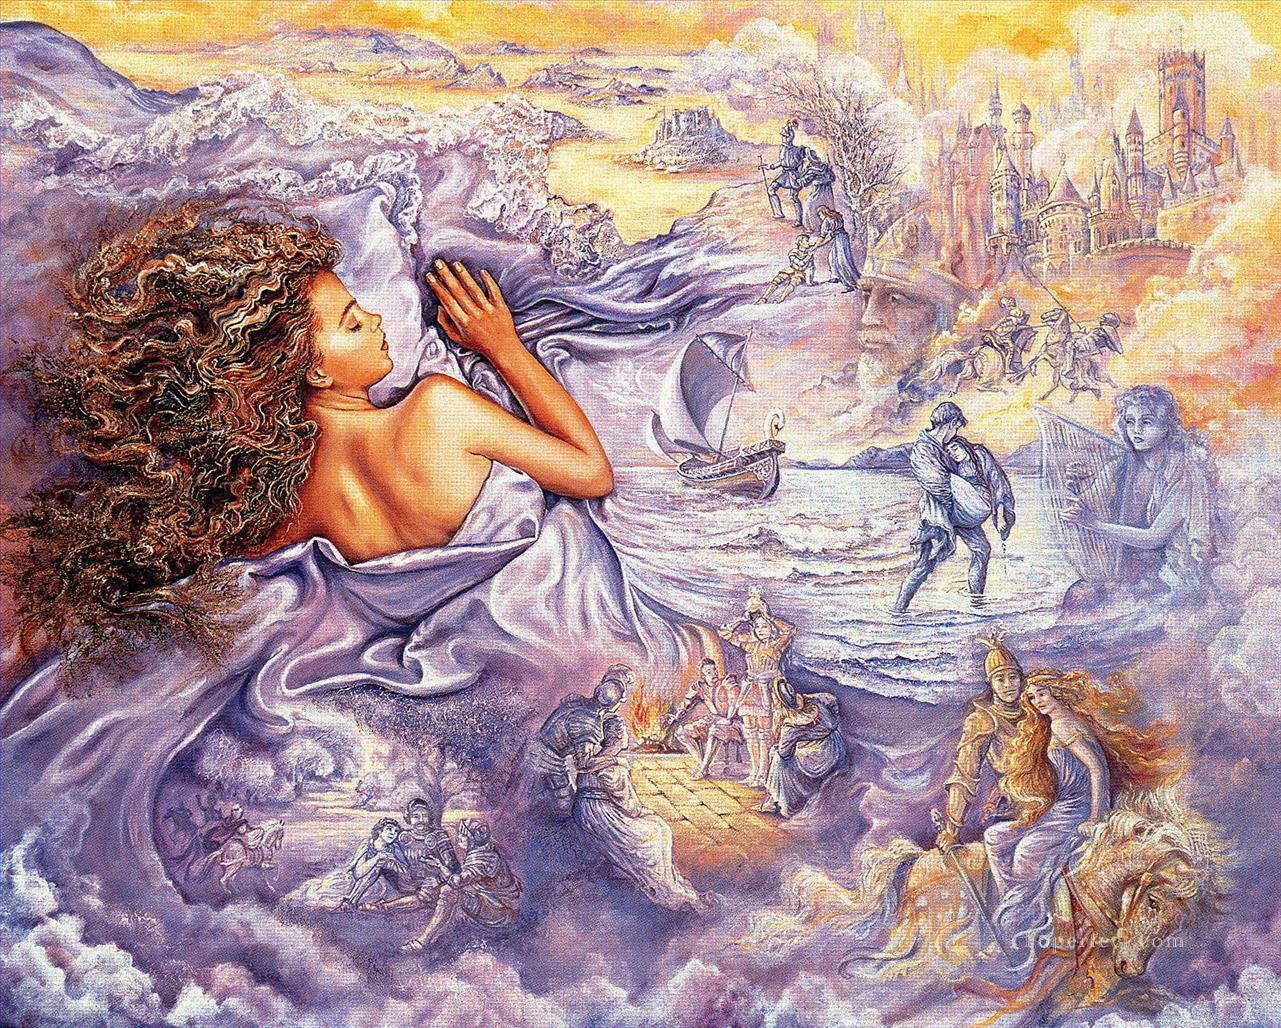 f7eaf28cfb JW lila Träume Fantasie Gemälde mit öl zu verkaufen